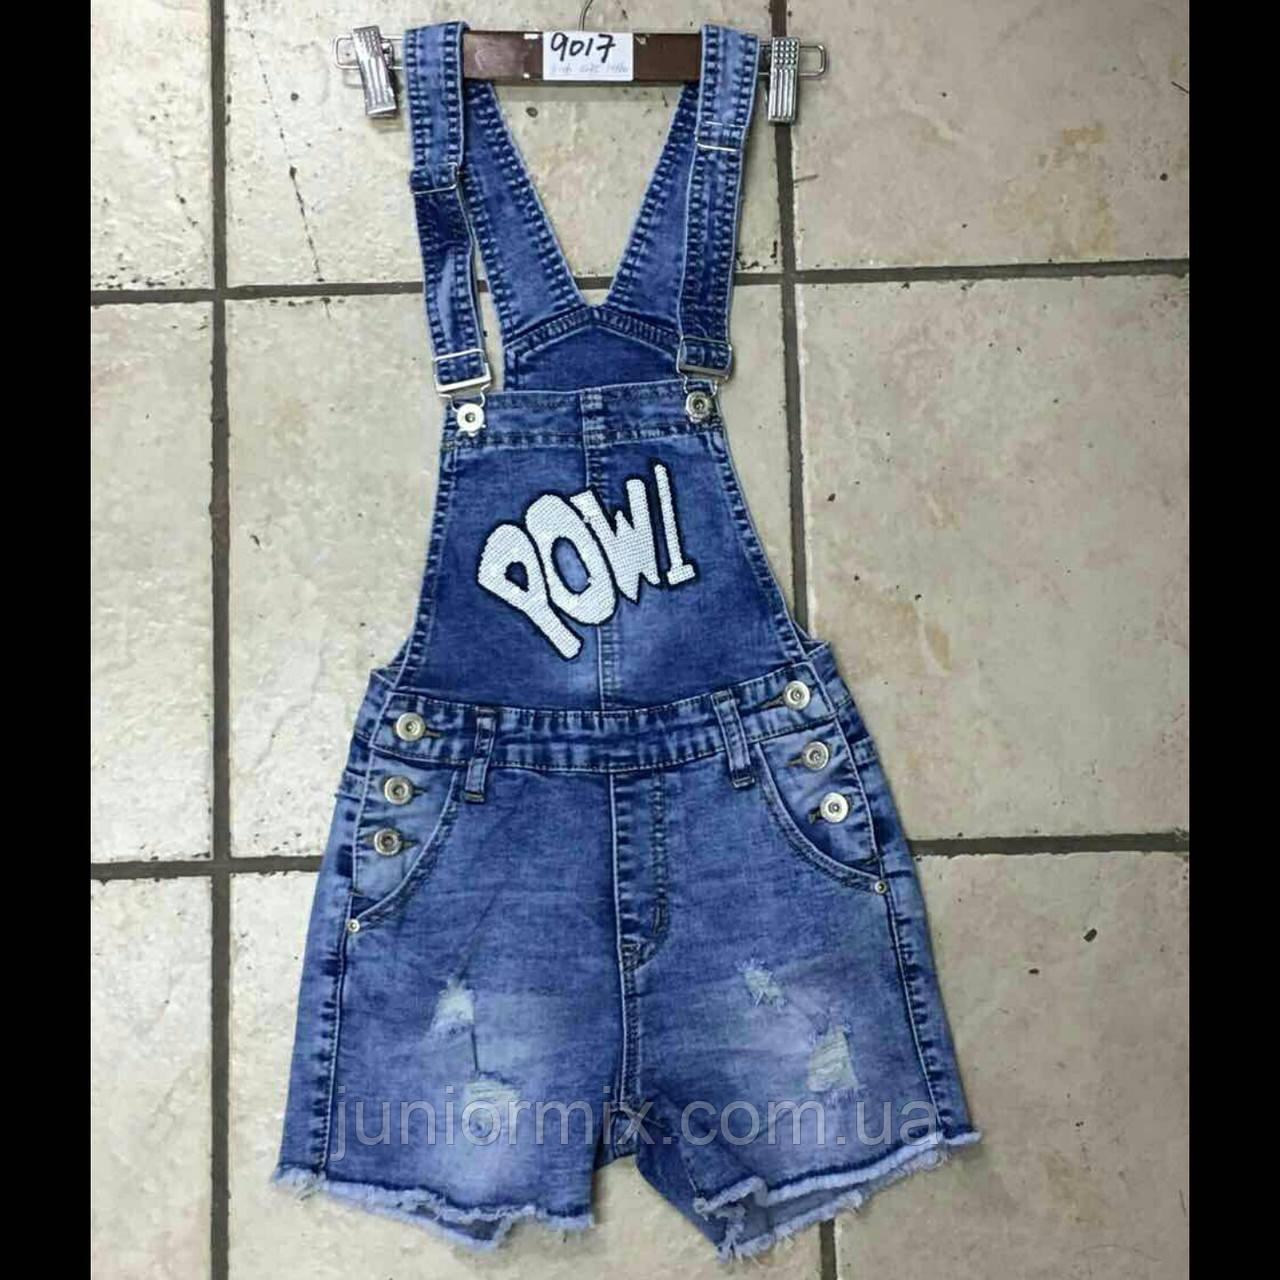 Джинсовые шорты кобинезоны на девочку Dream Girl